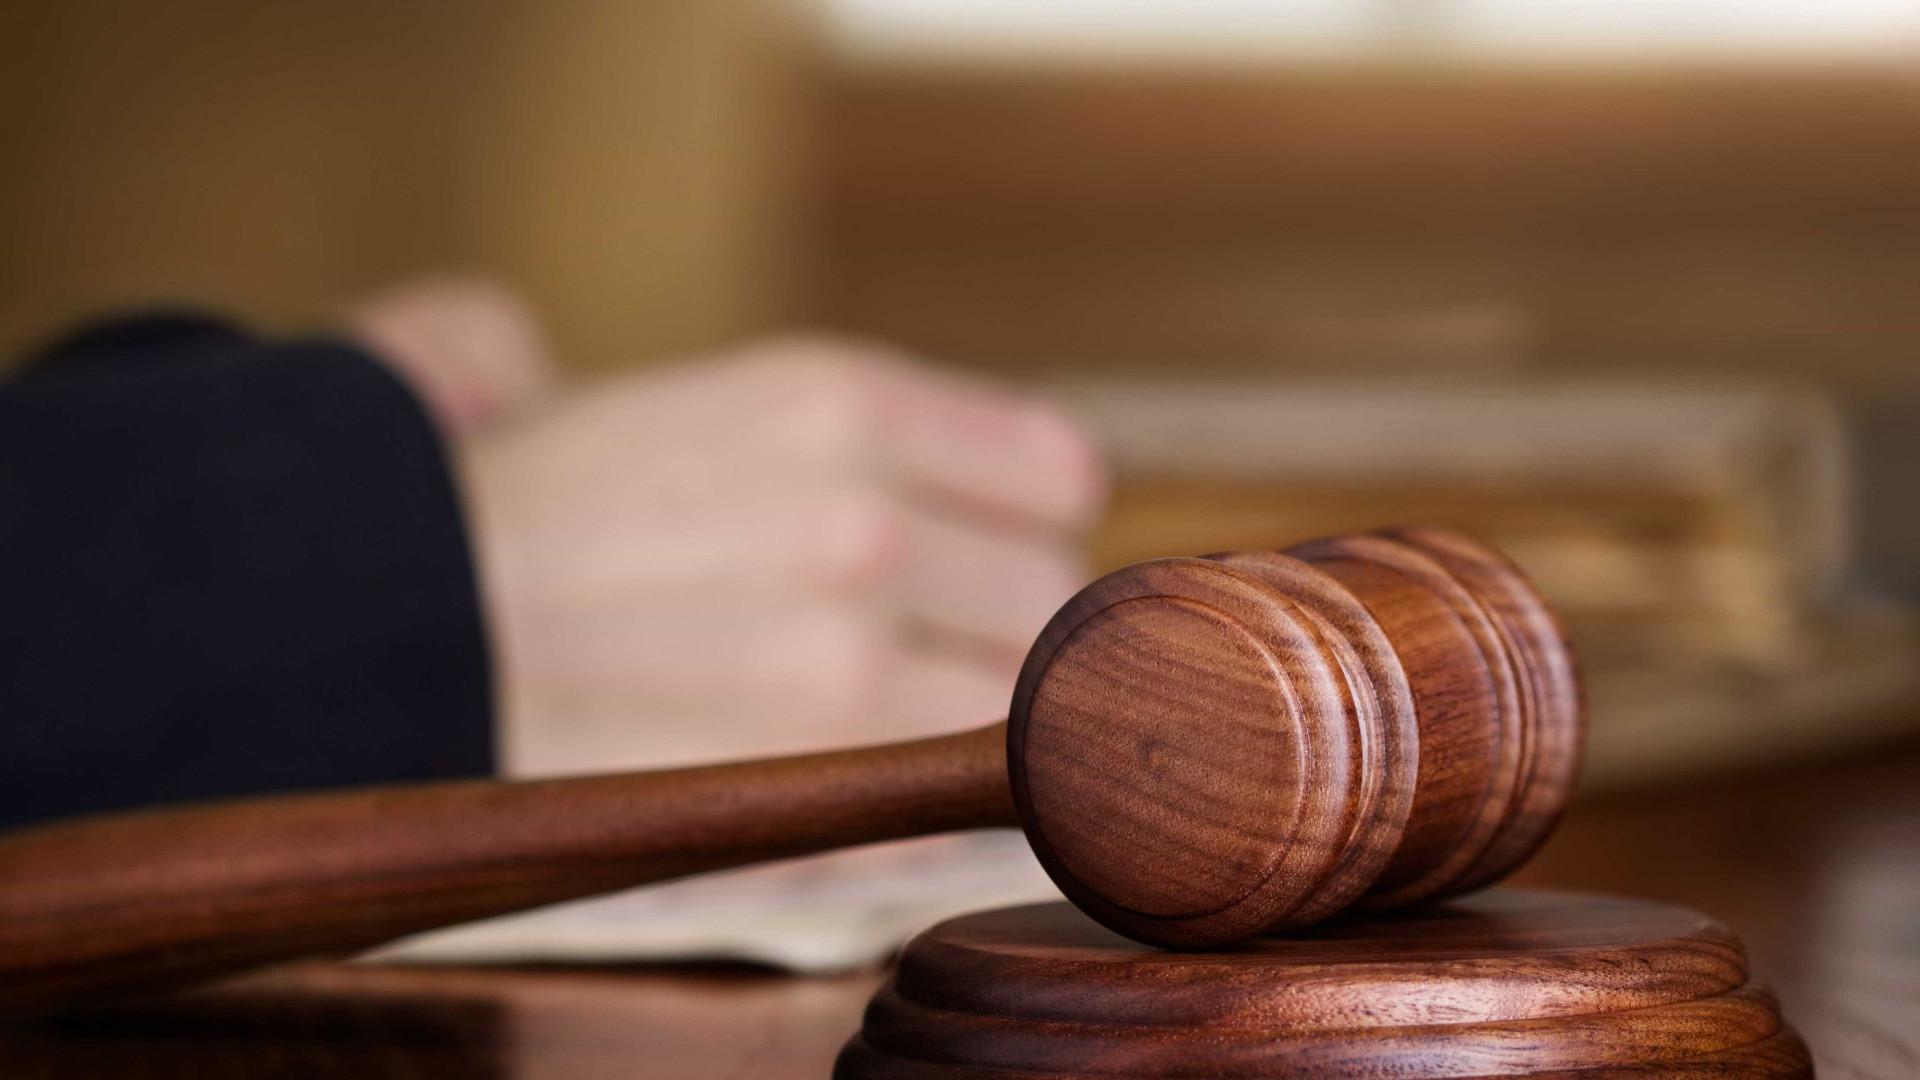 Sete pessoas condenadas a prisão efetiva por tráfico de droga em Leiria